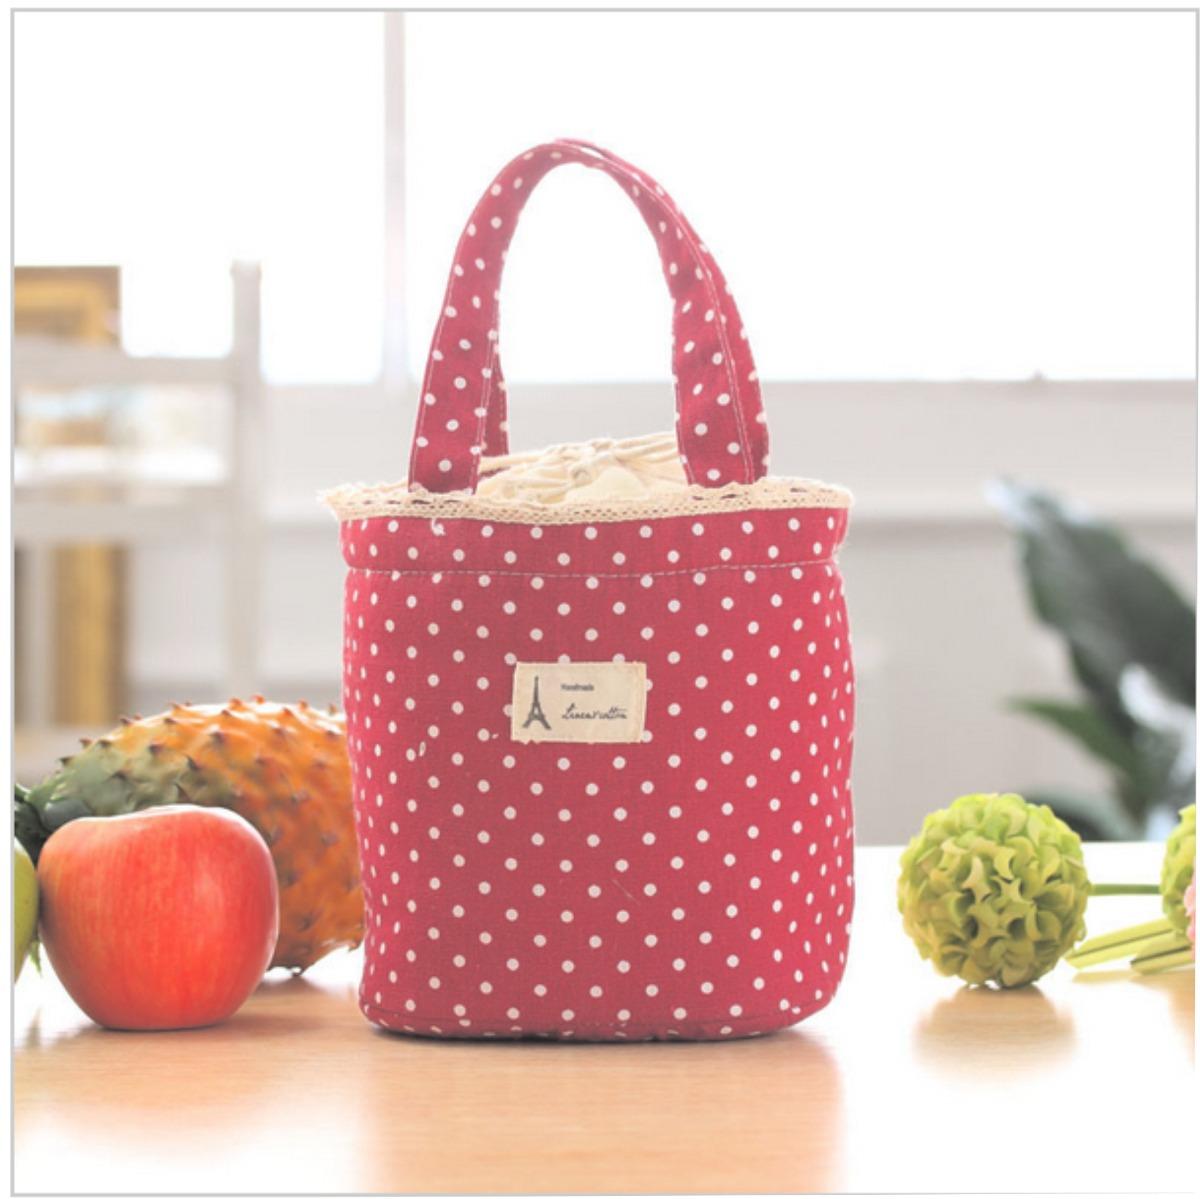 Bolsa Feminina Com Compartimento Para Marmita : Bolsa t?rmica lanches marmita feminina r em